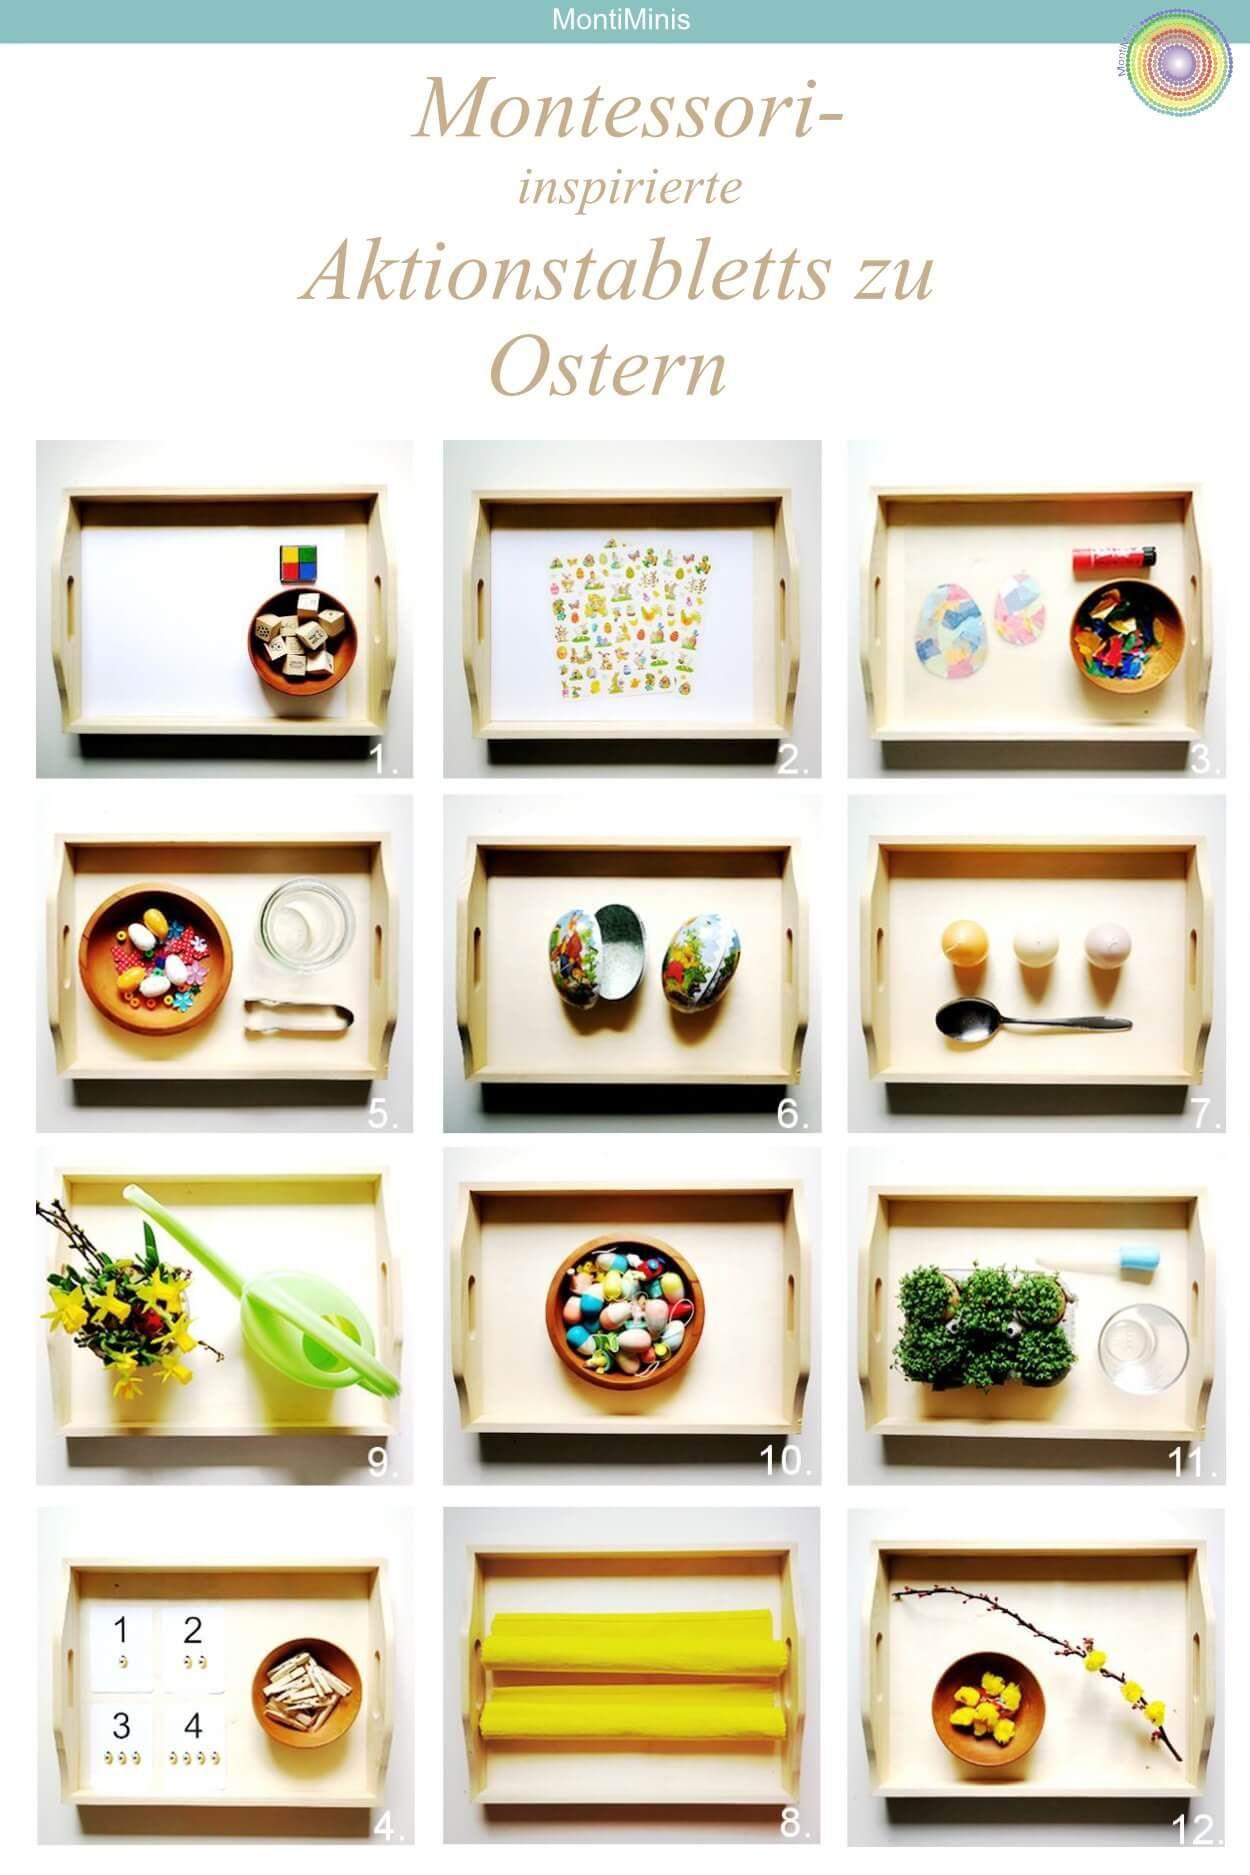 Der Sinnestisch und unsere Top 3 Sinnesboxen Montessori